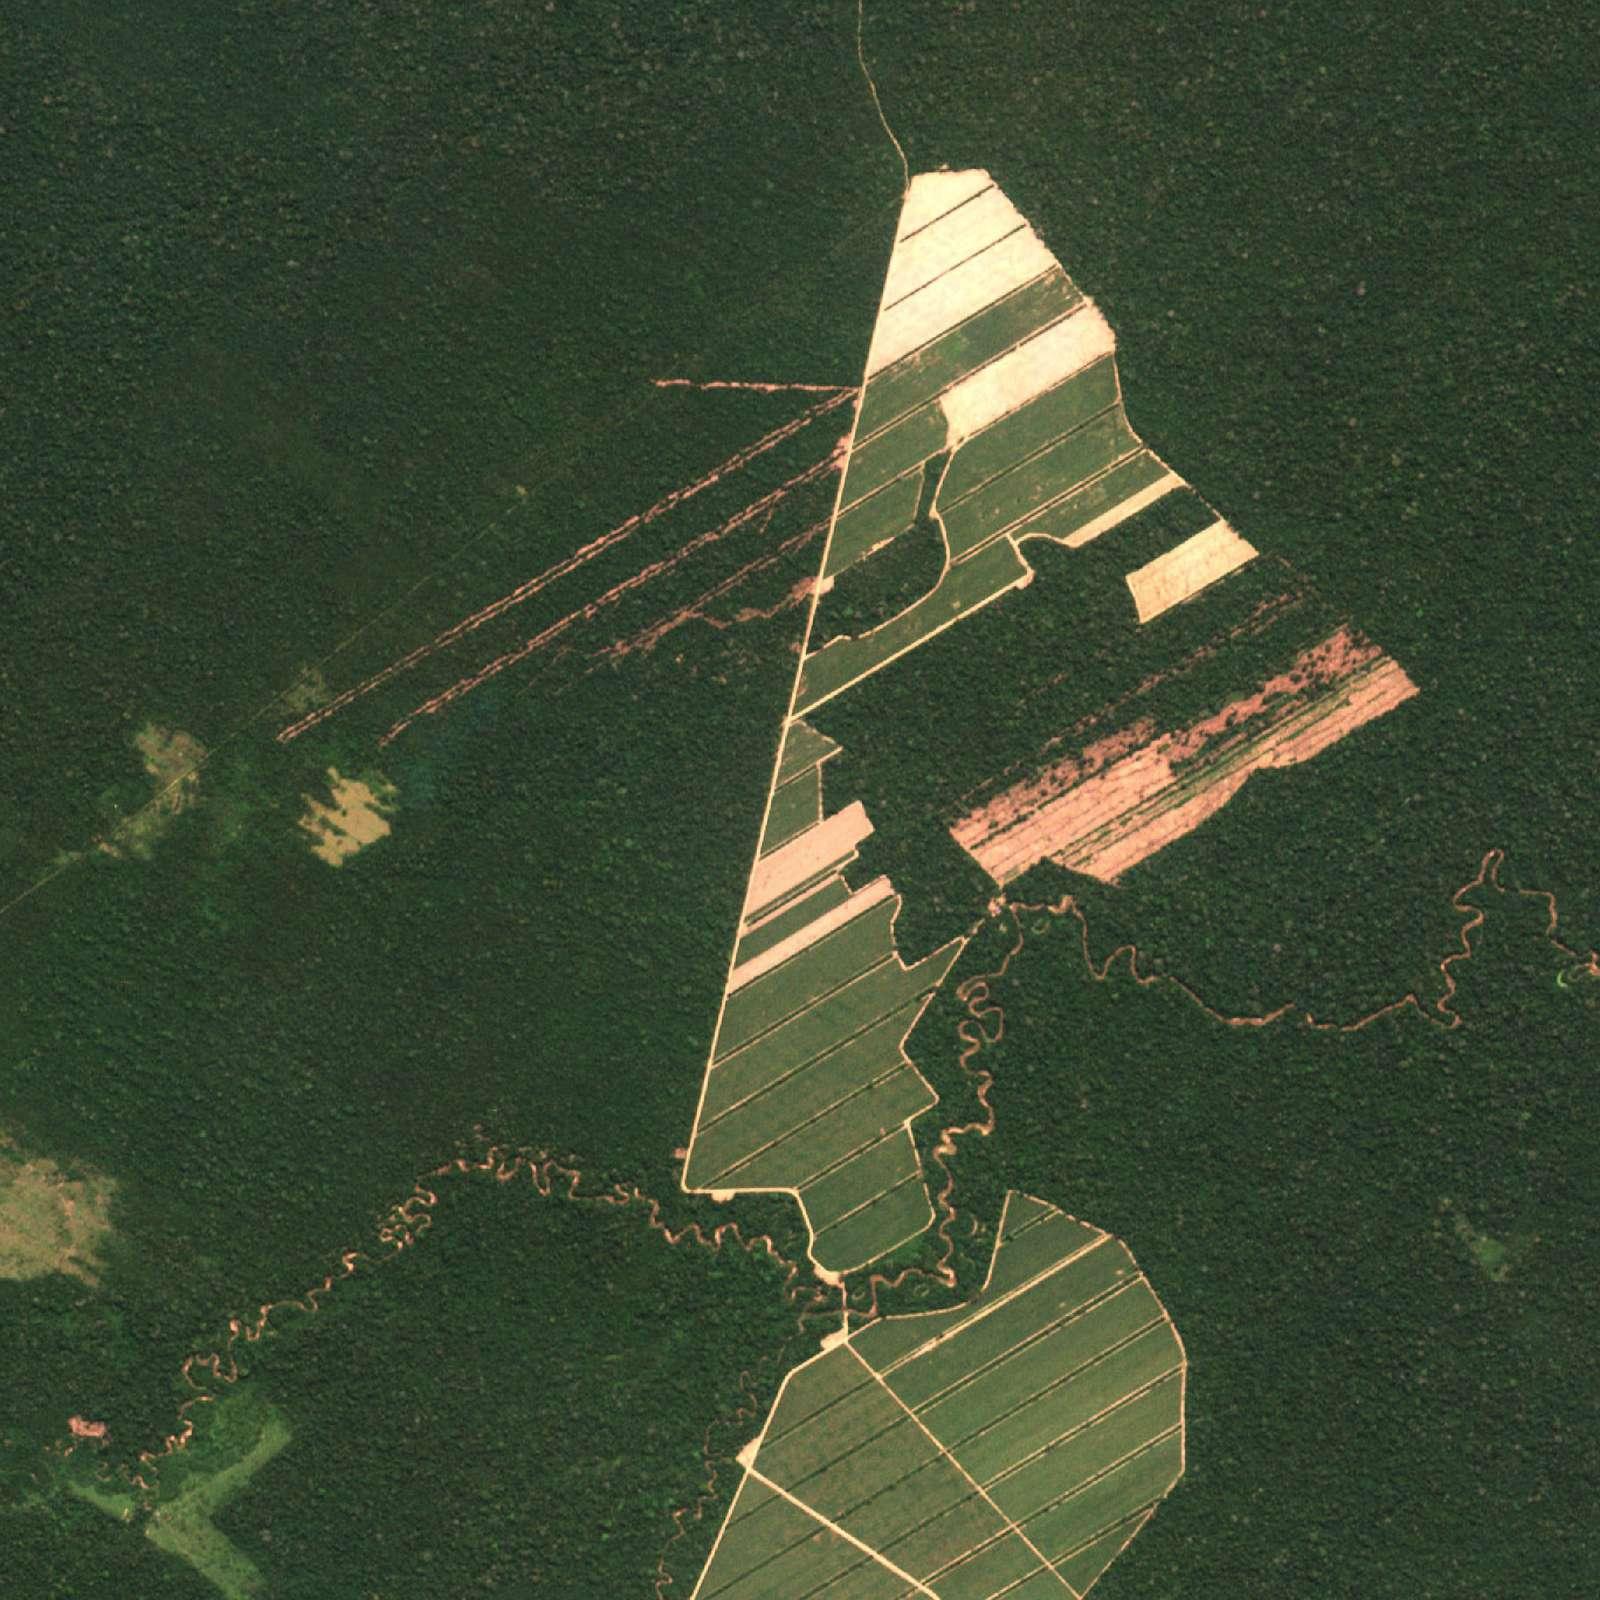 Striper av nedhugget skog kan sees i det høyoppløste satellitt-bildet.